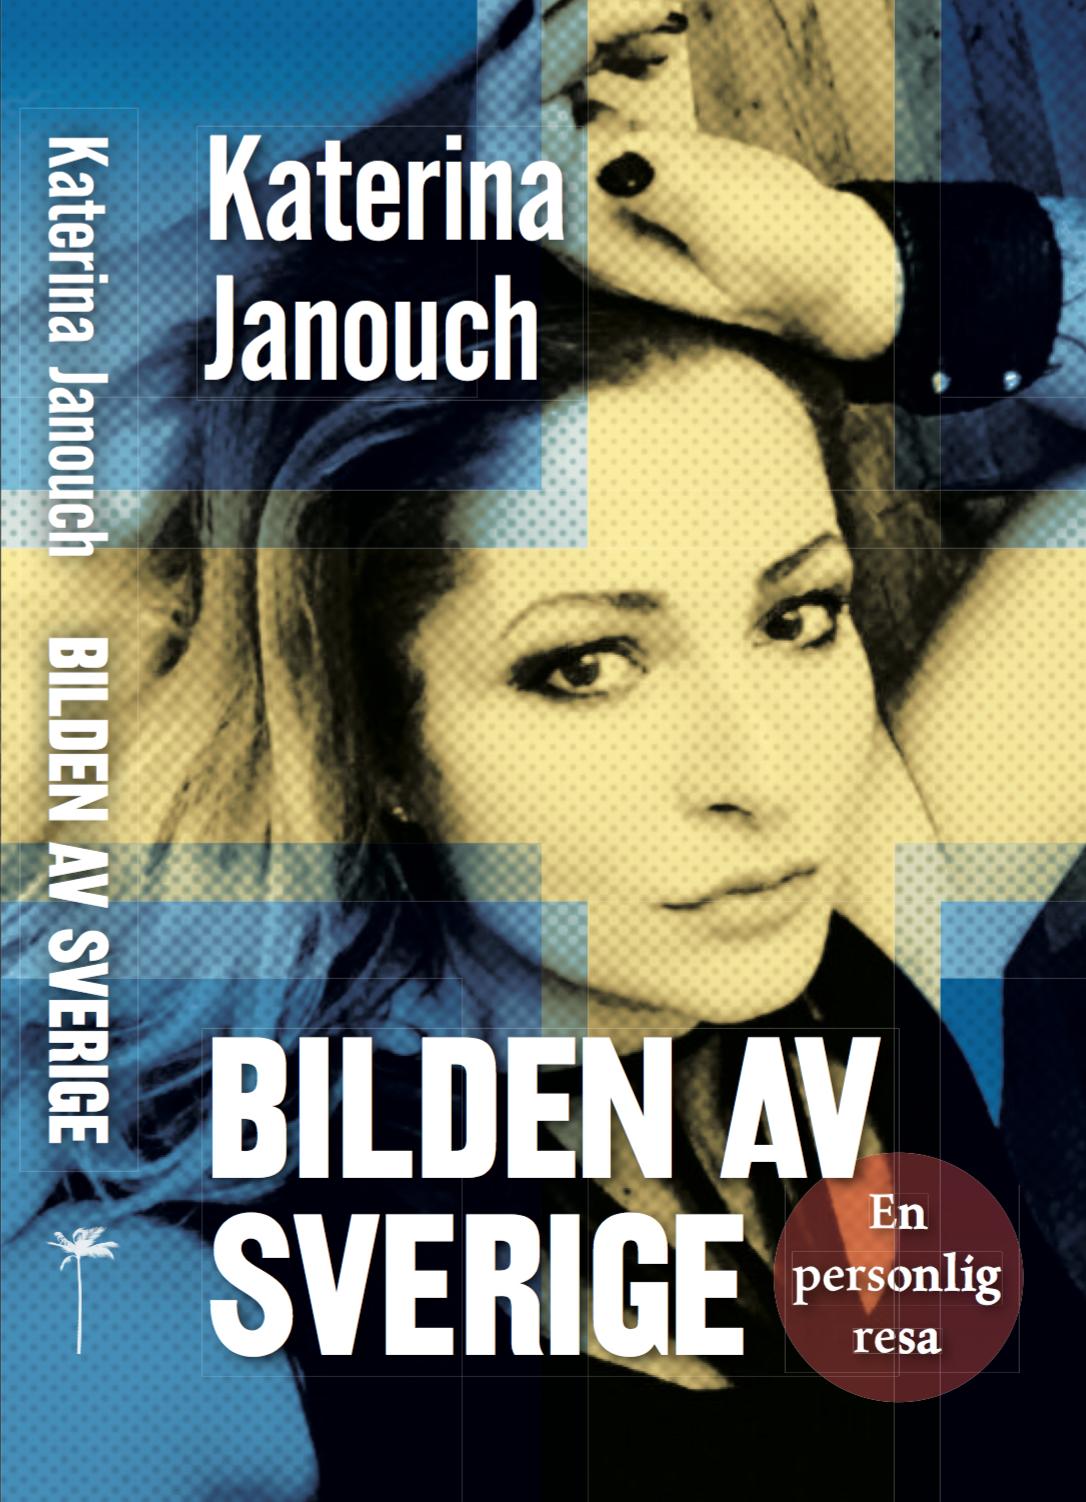 Ronie Berggren samtalar med Katerina Janouch om hennes nya bok